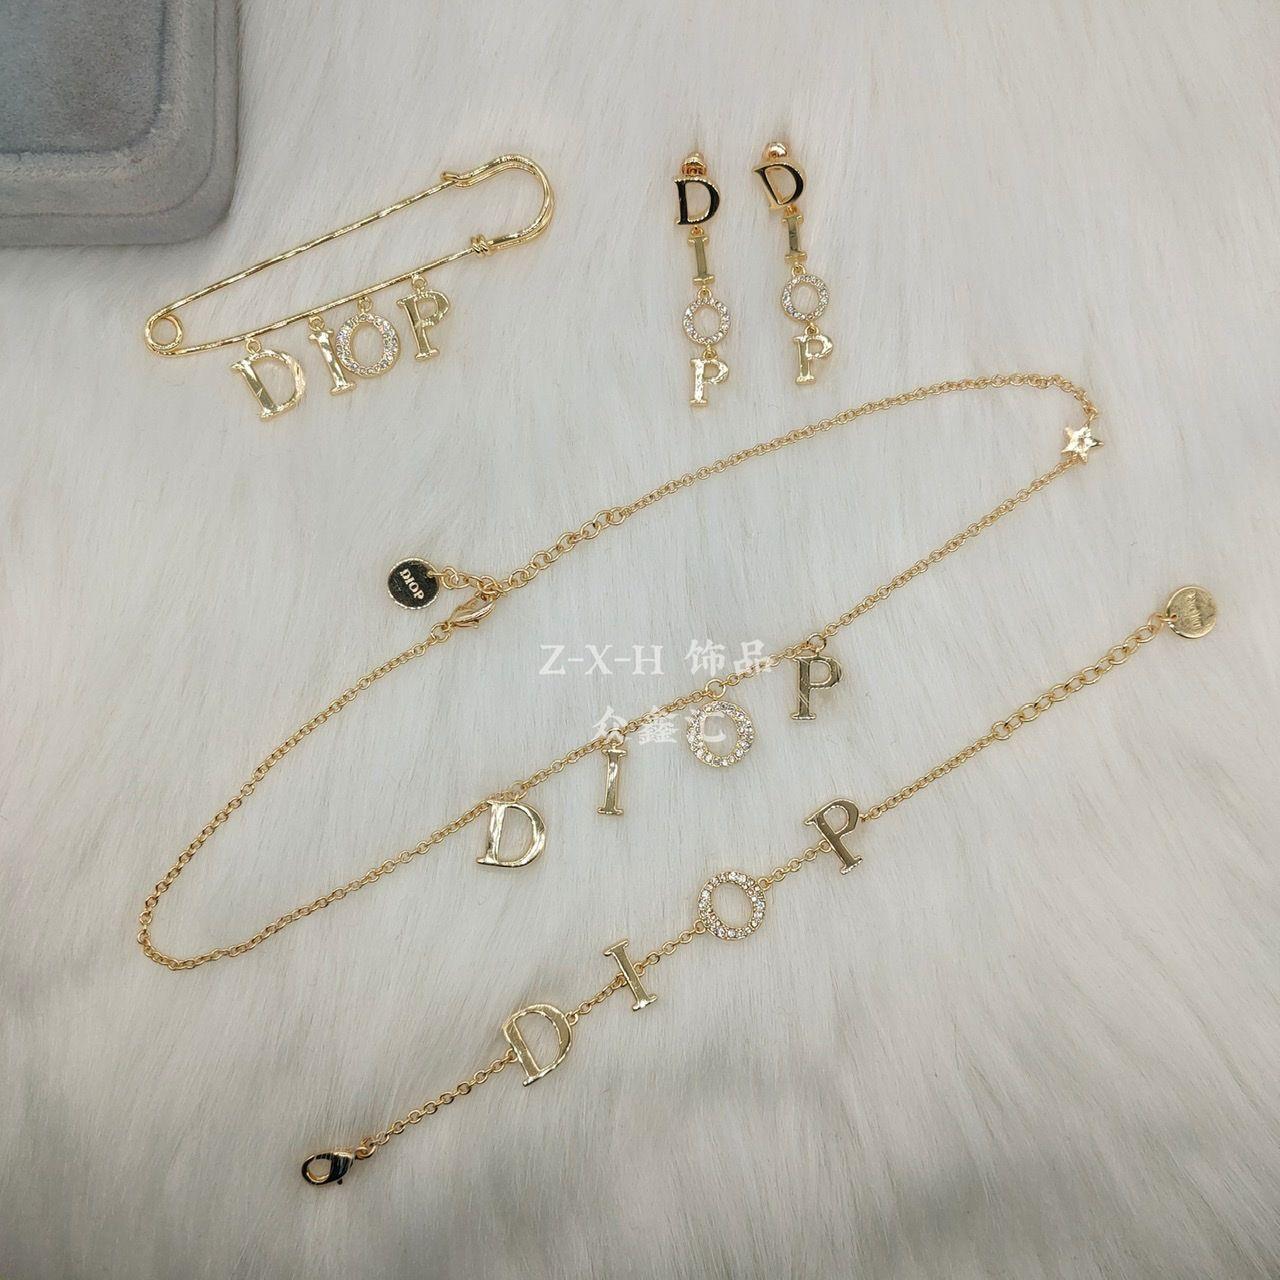 New D Casa Brass Bracciale Diamante Braccialetto femminile Lettere Fashion Wild Hand Anello Braccialetto Collana D Casa Set a quattro pezzi